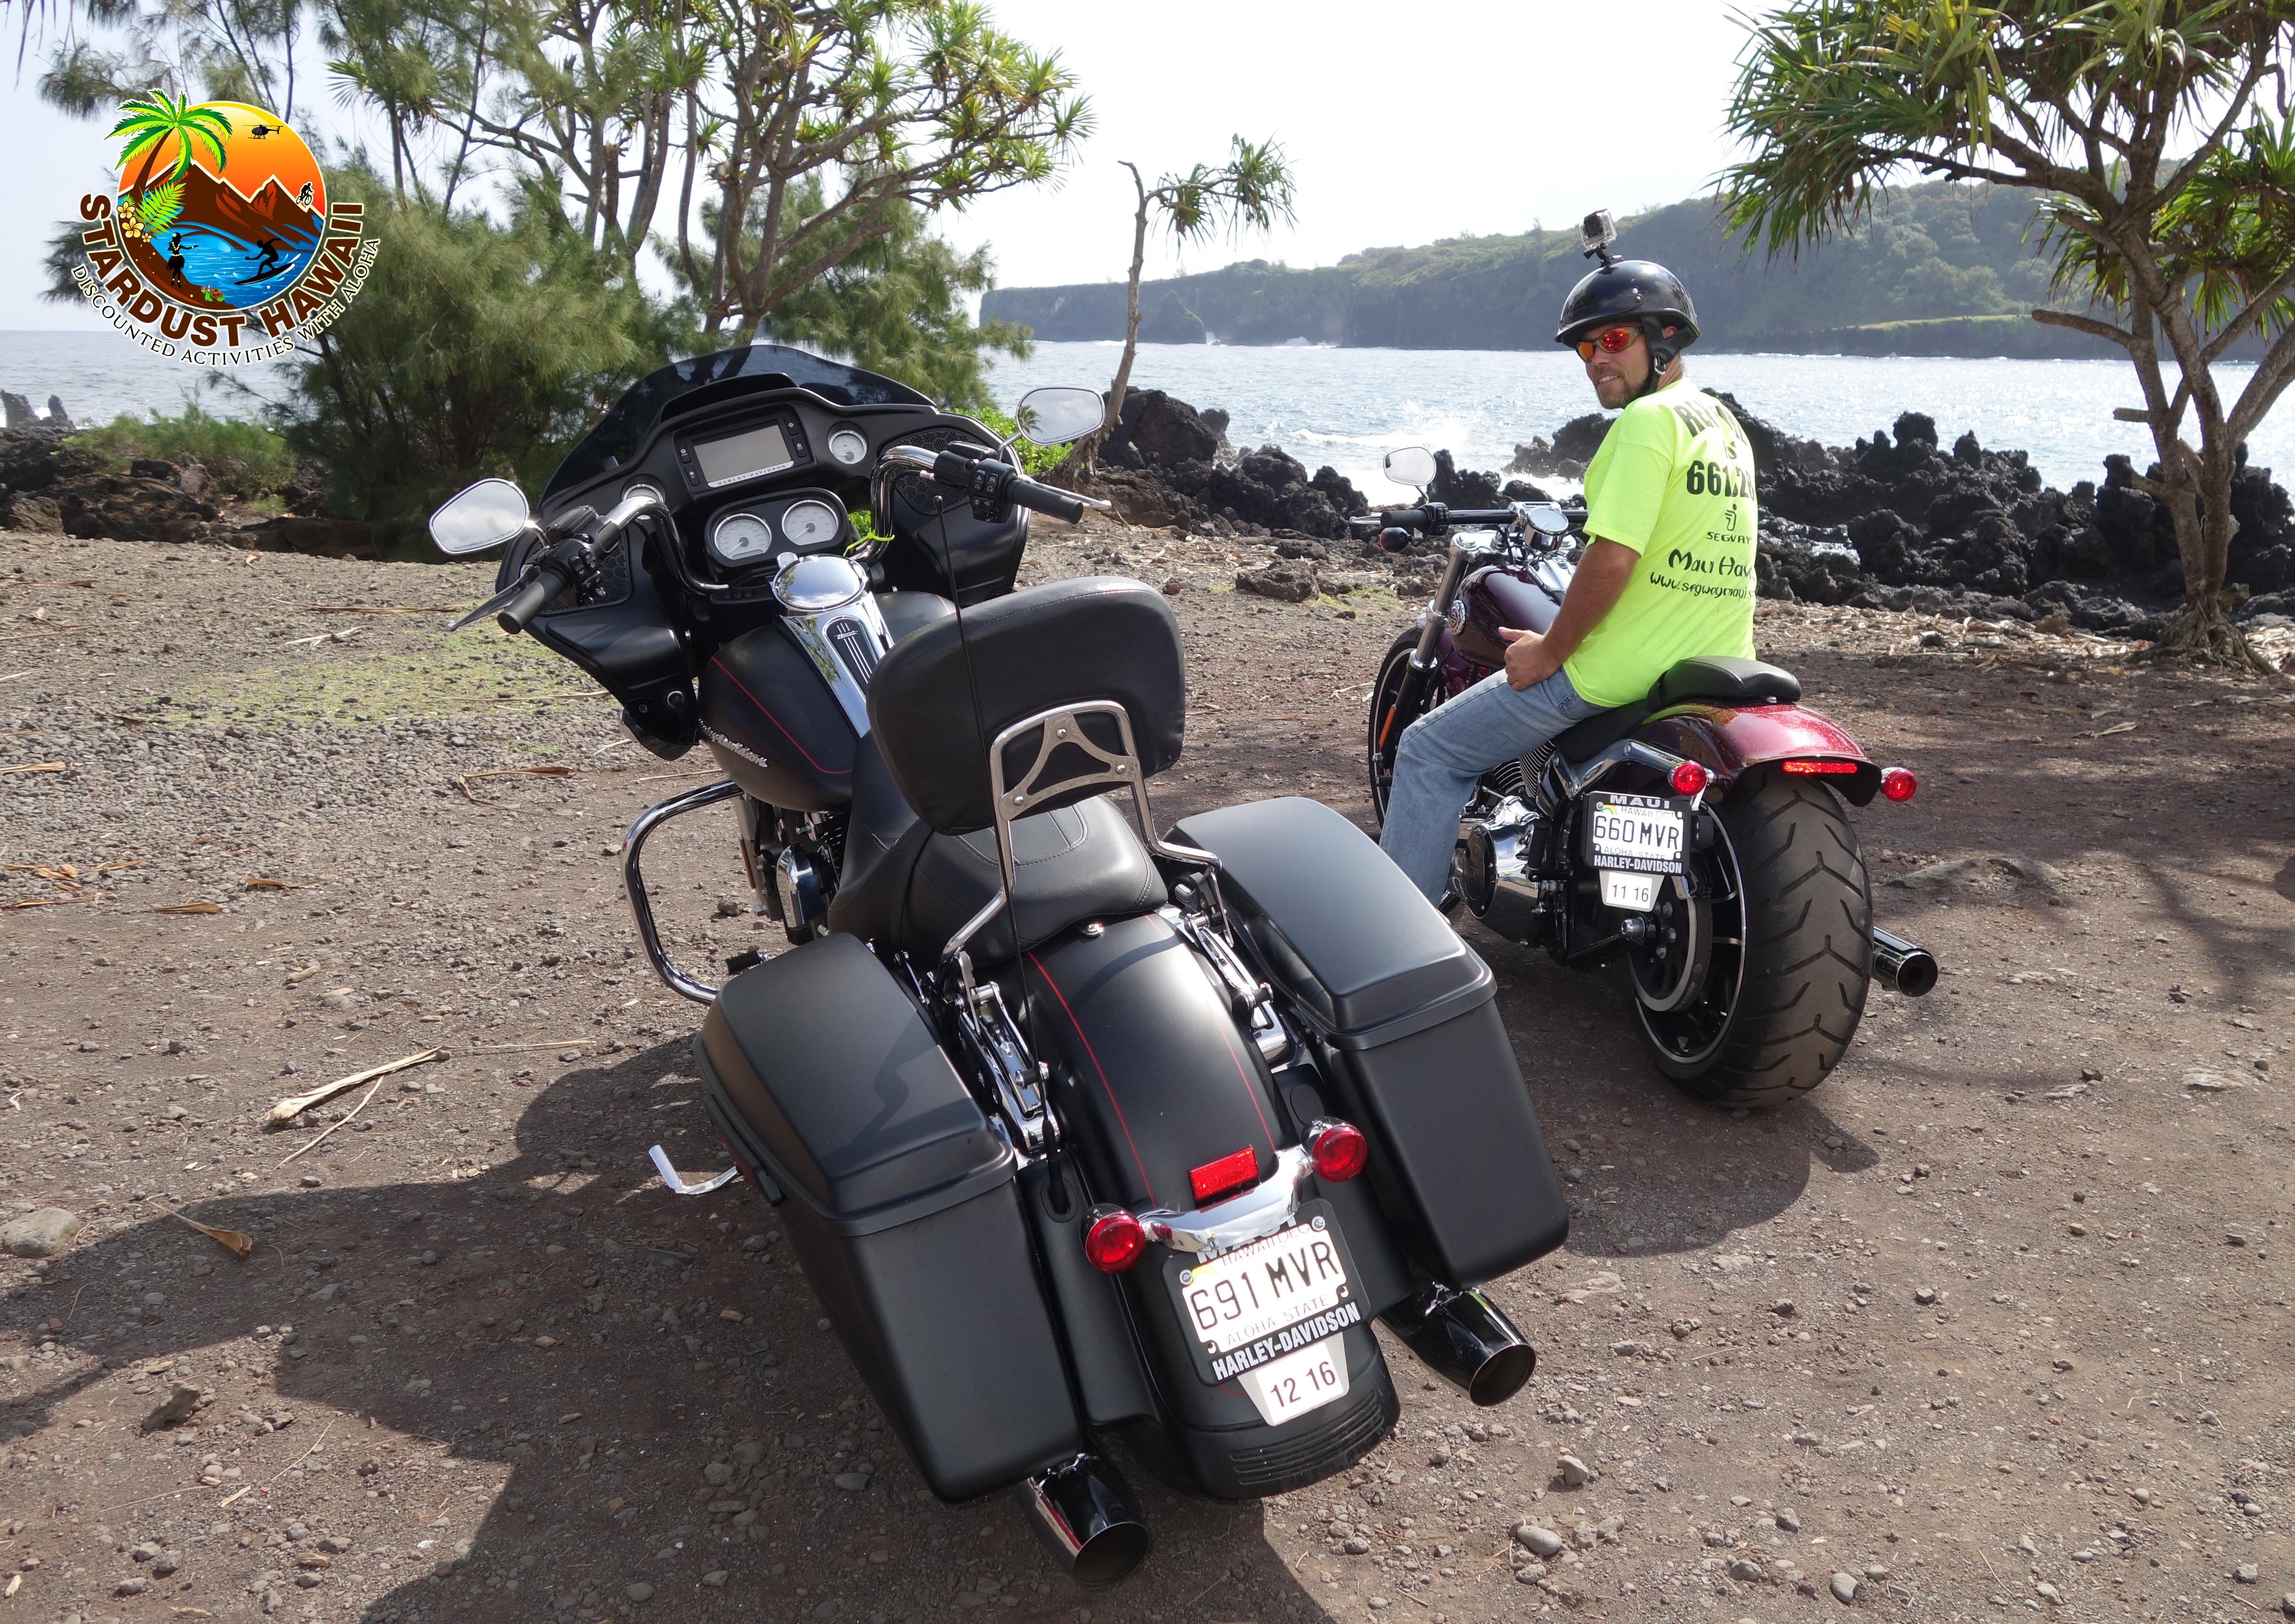 610281e7ef1f Motorcycle Tour to Hana | Maui Vacation Saver